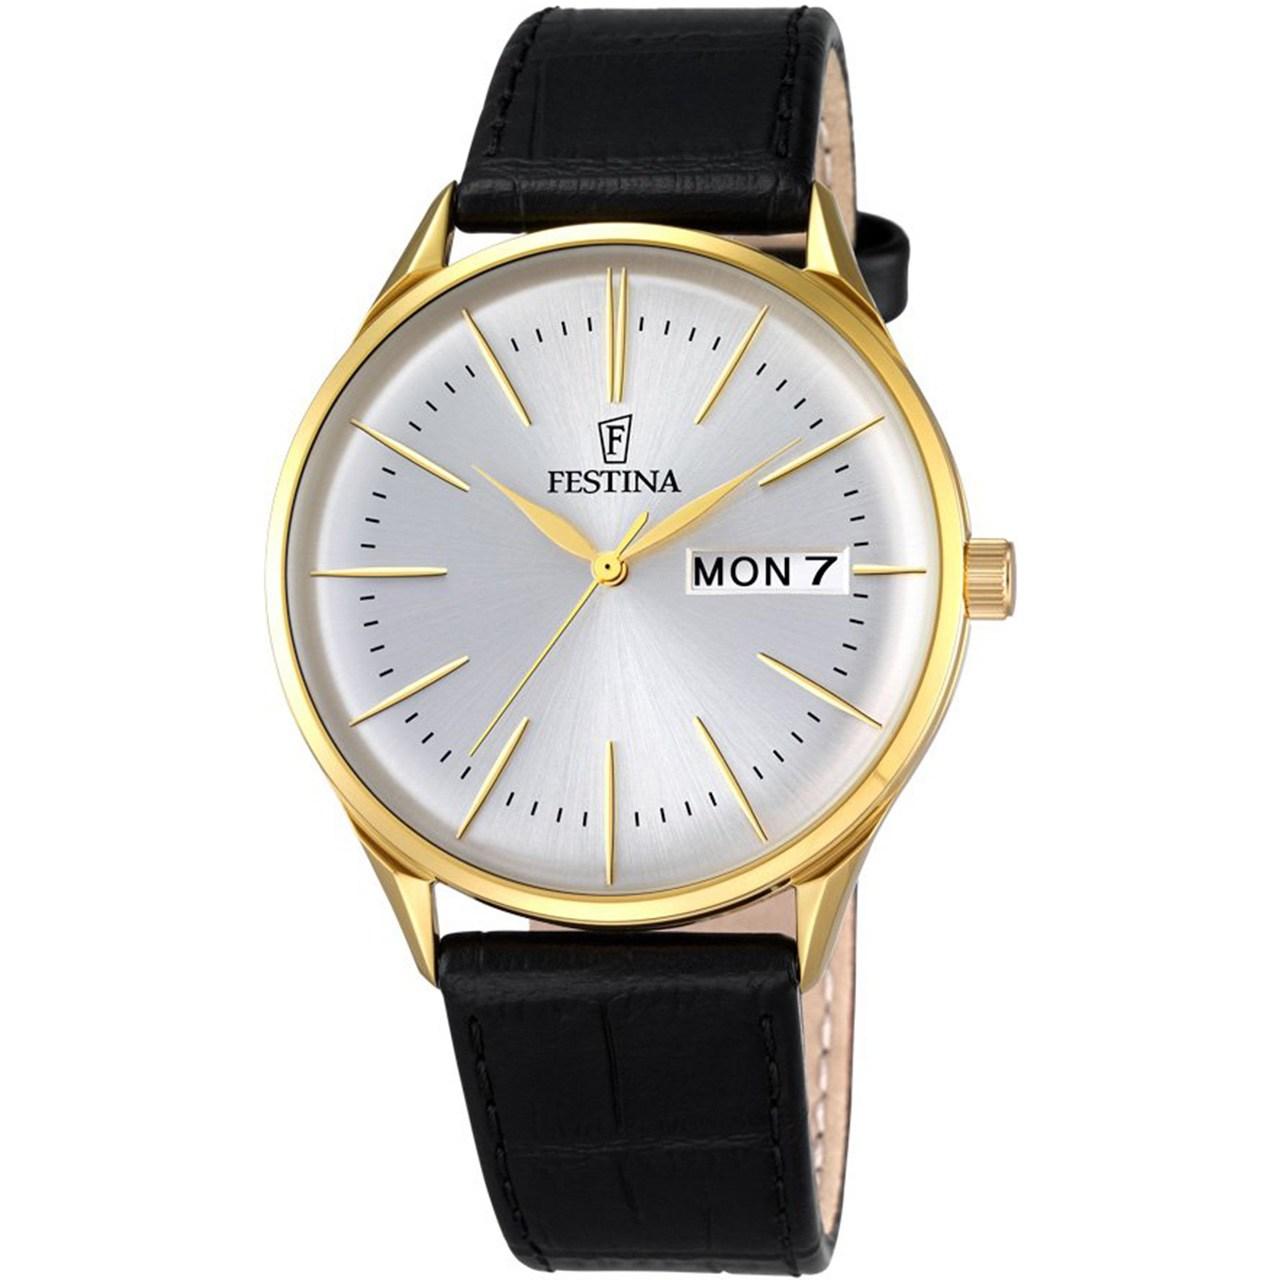 ساعت مچی عقربه ای مردانه فستینا مدل F6838/1 1